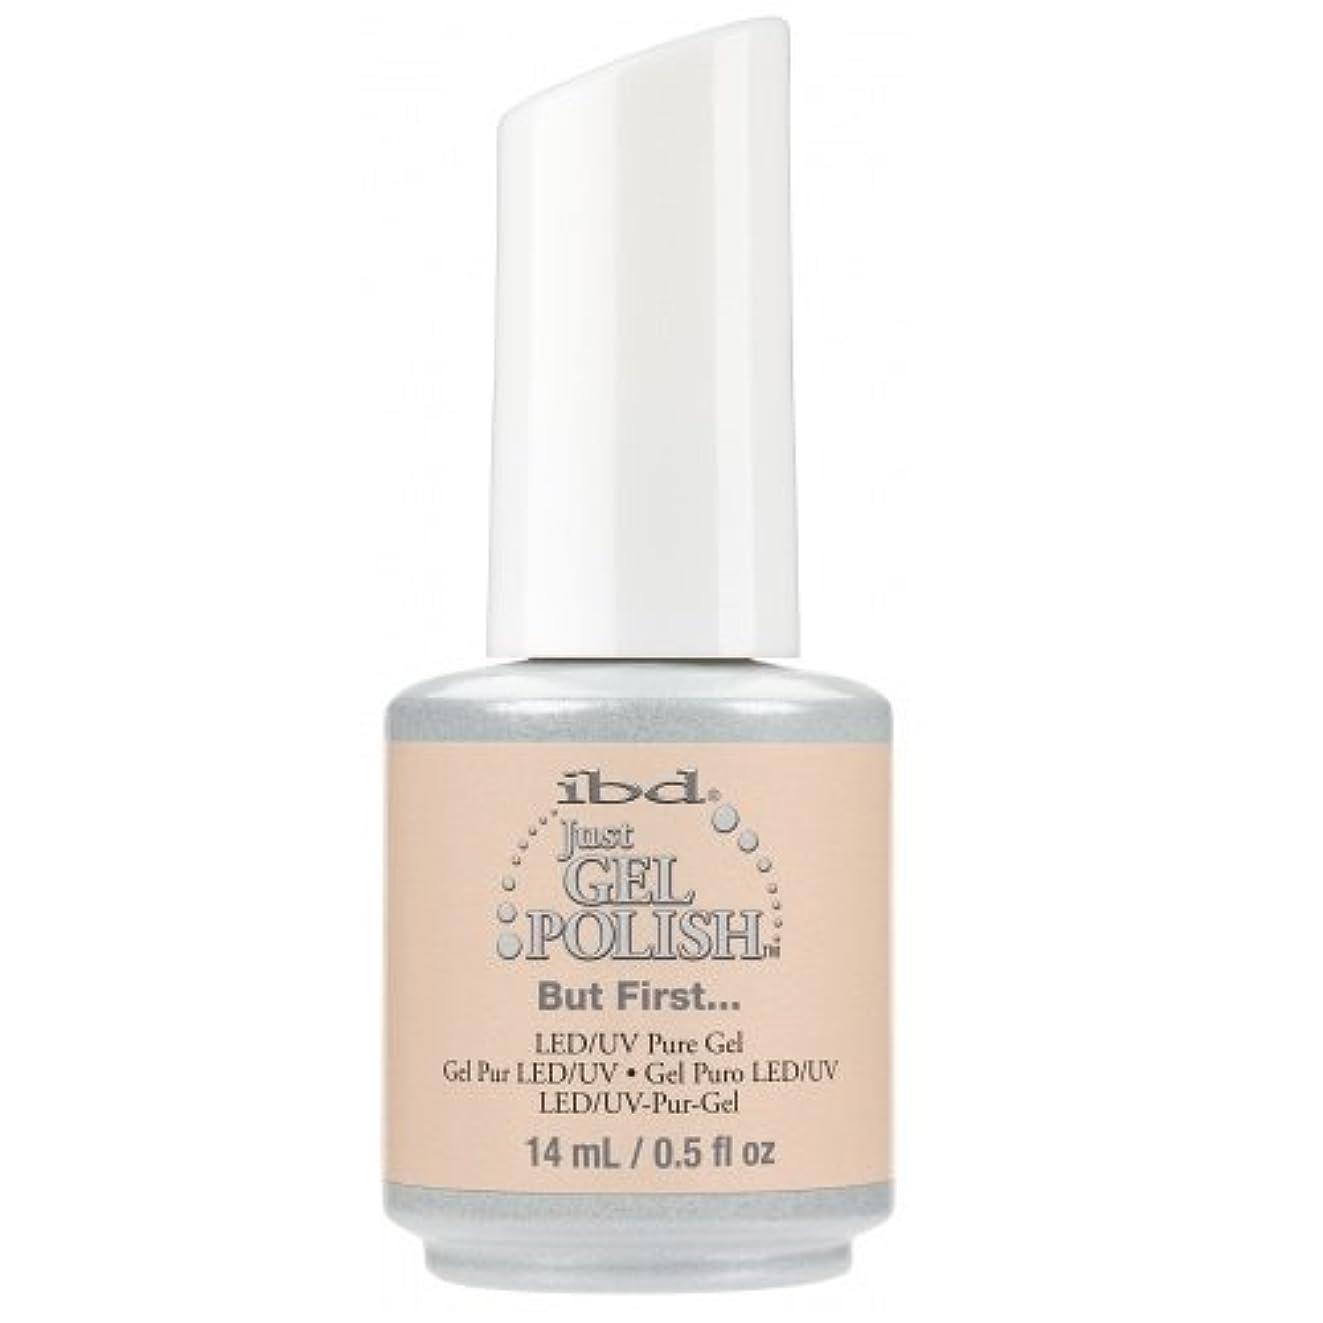 展望台レーザマティスibd Just Gel Nail Polish - 2017 Nude Collection - But First - 14ml / 0.5oz